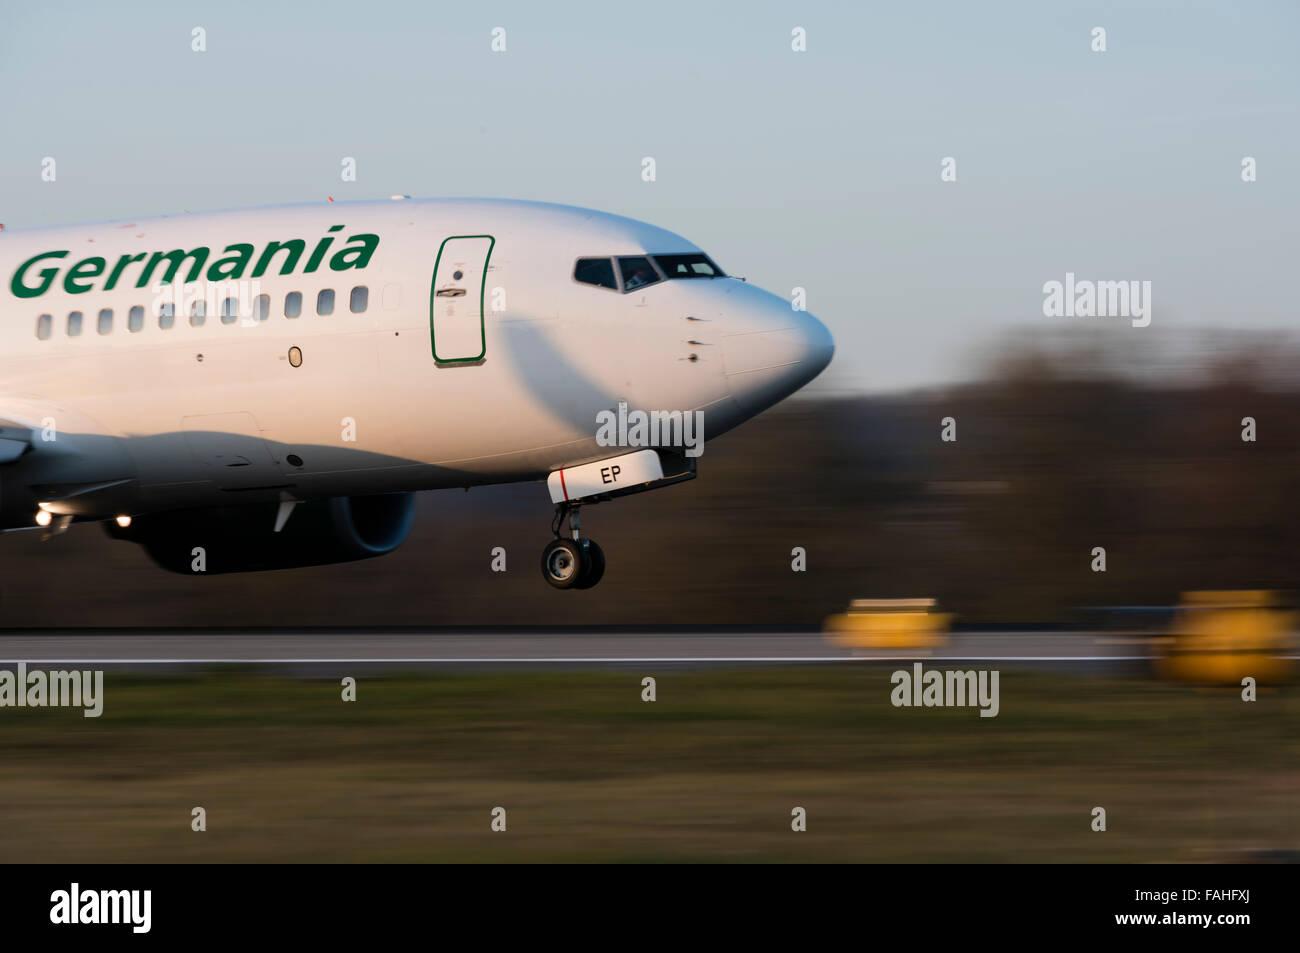 Atterraggio Boeing 737 aerei passeggeri della compagnia aerea Germania all aeroporto di Zurigo-Kloten. Immagini Stock